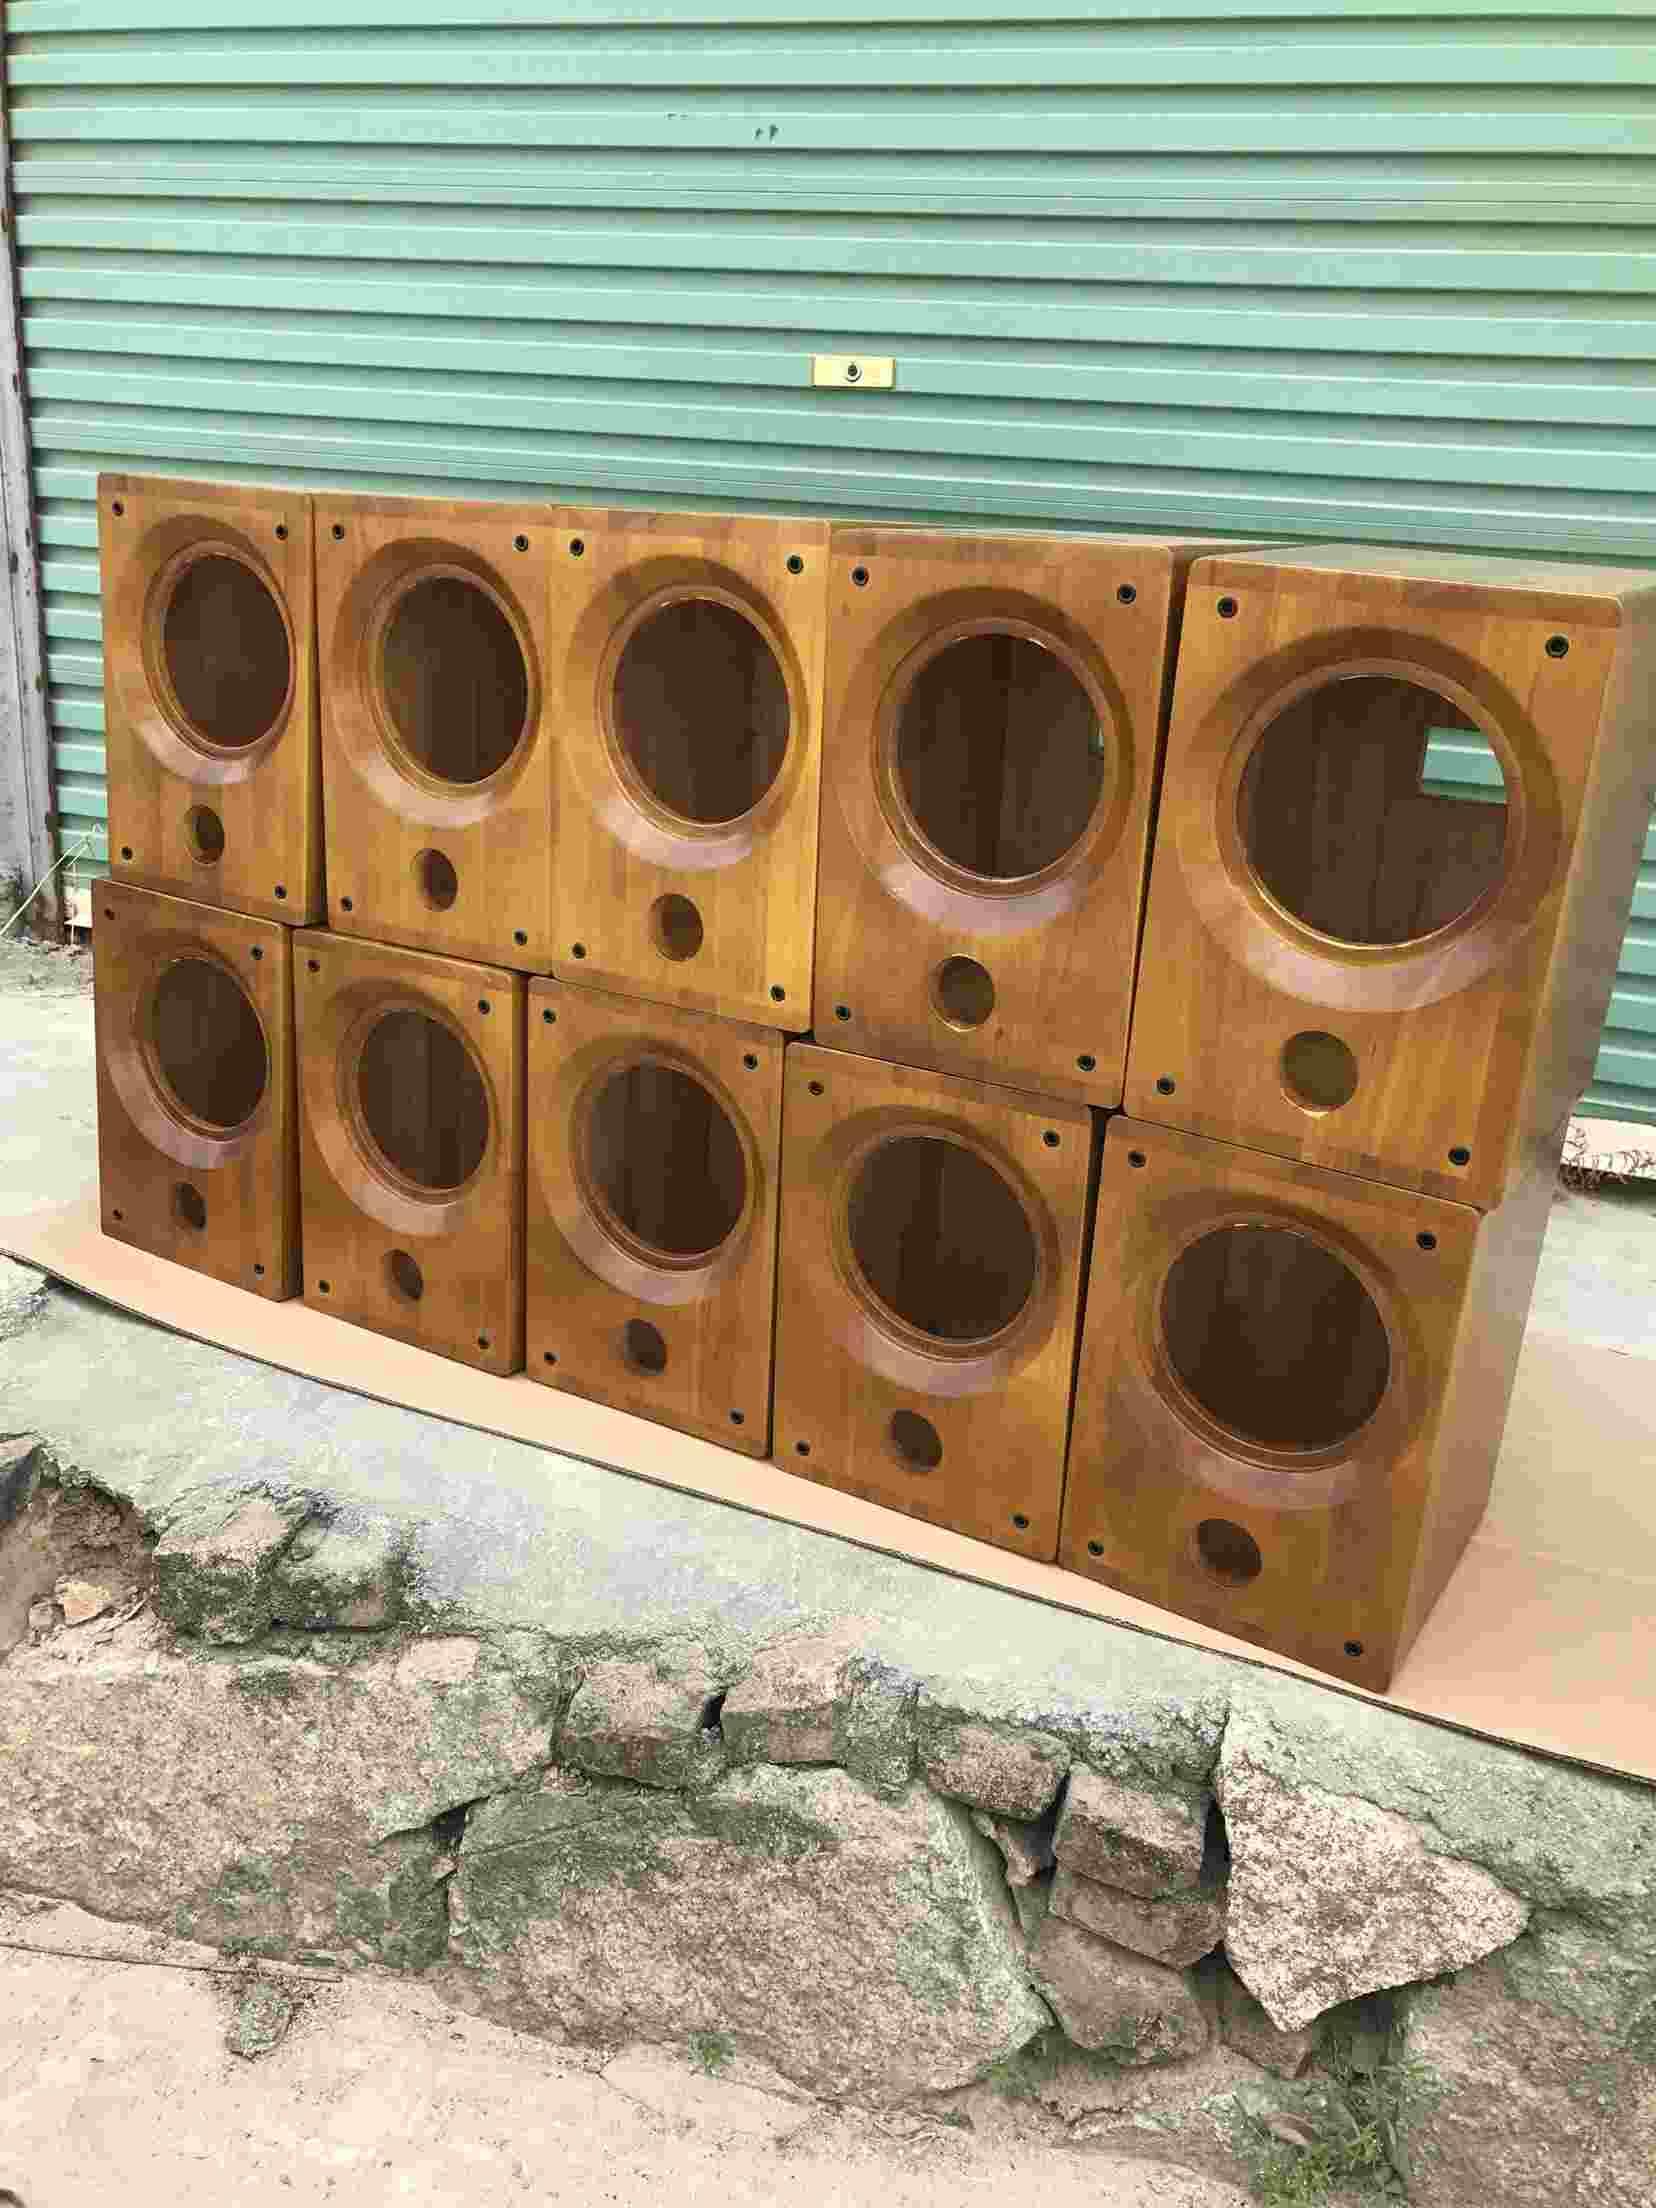 6,5 дюймов 8 дюймов полностью частоты поддержки малых карусель рога рог деревянные полки оратор пустой контейнер коаксиальный горн